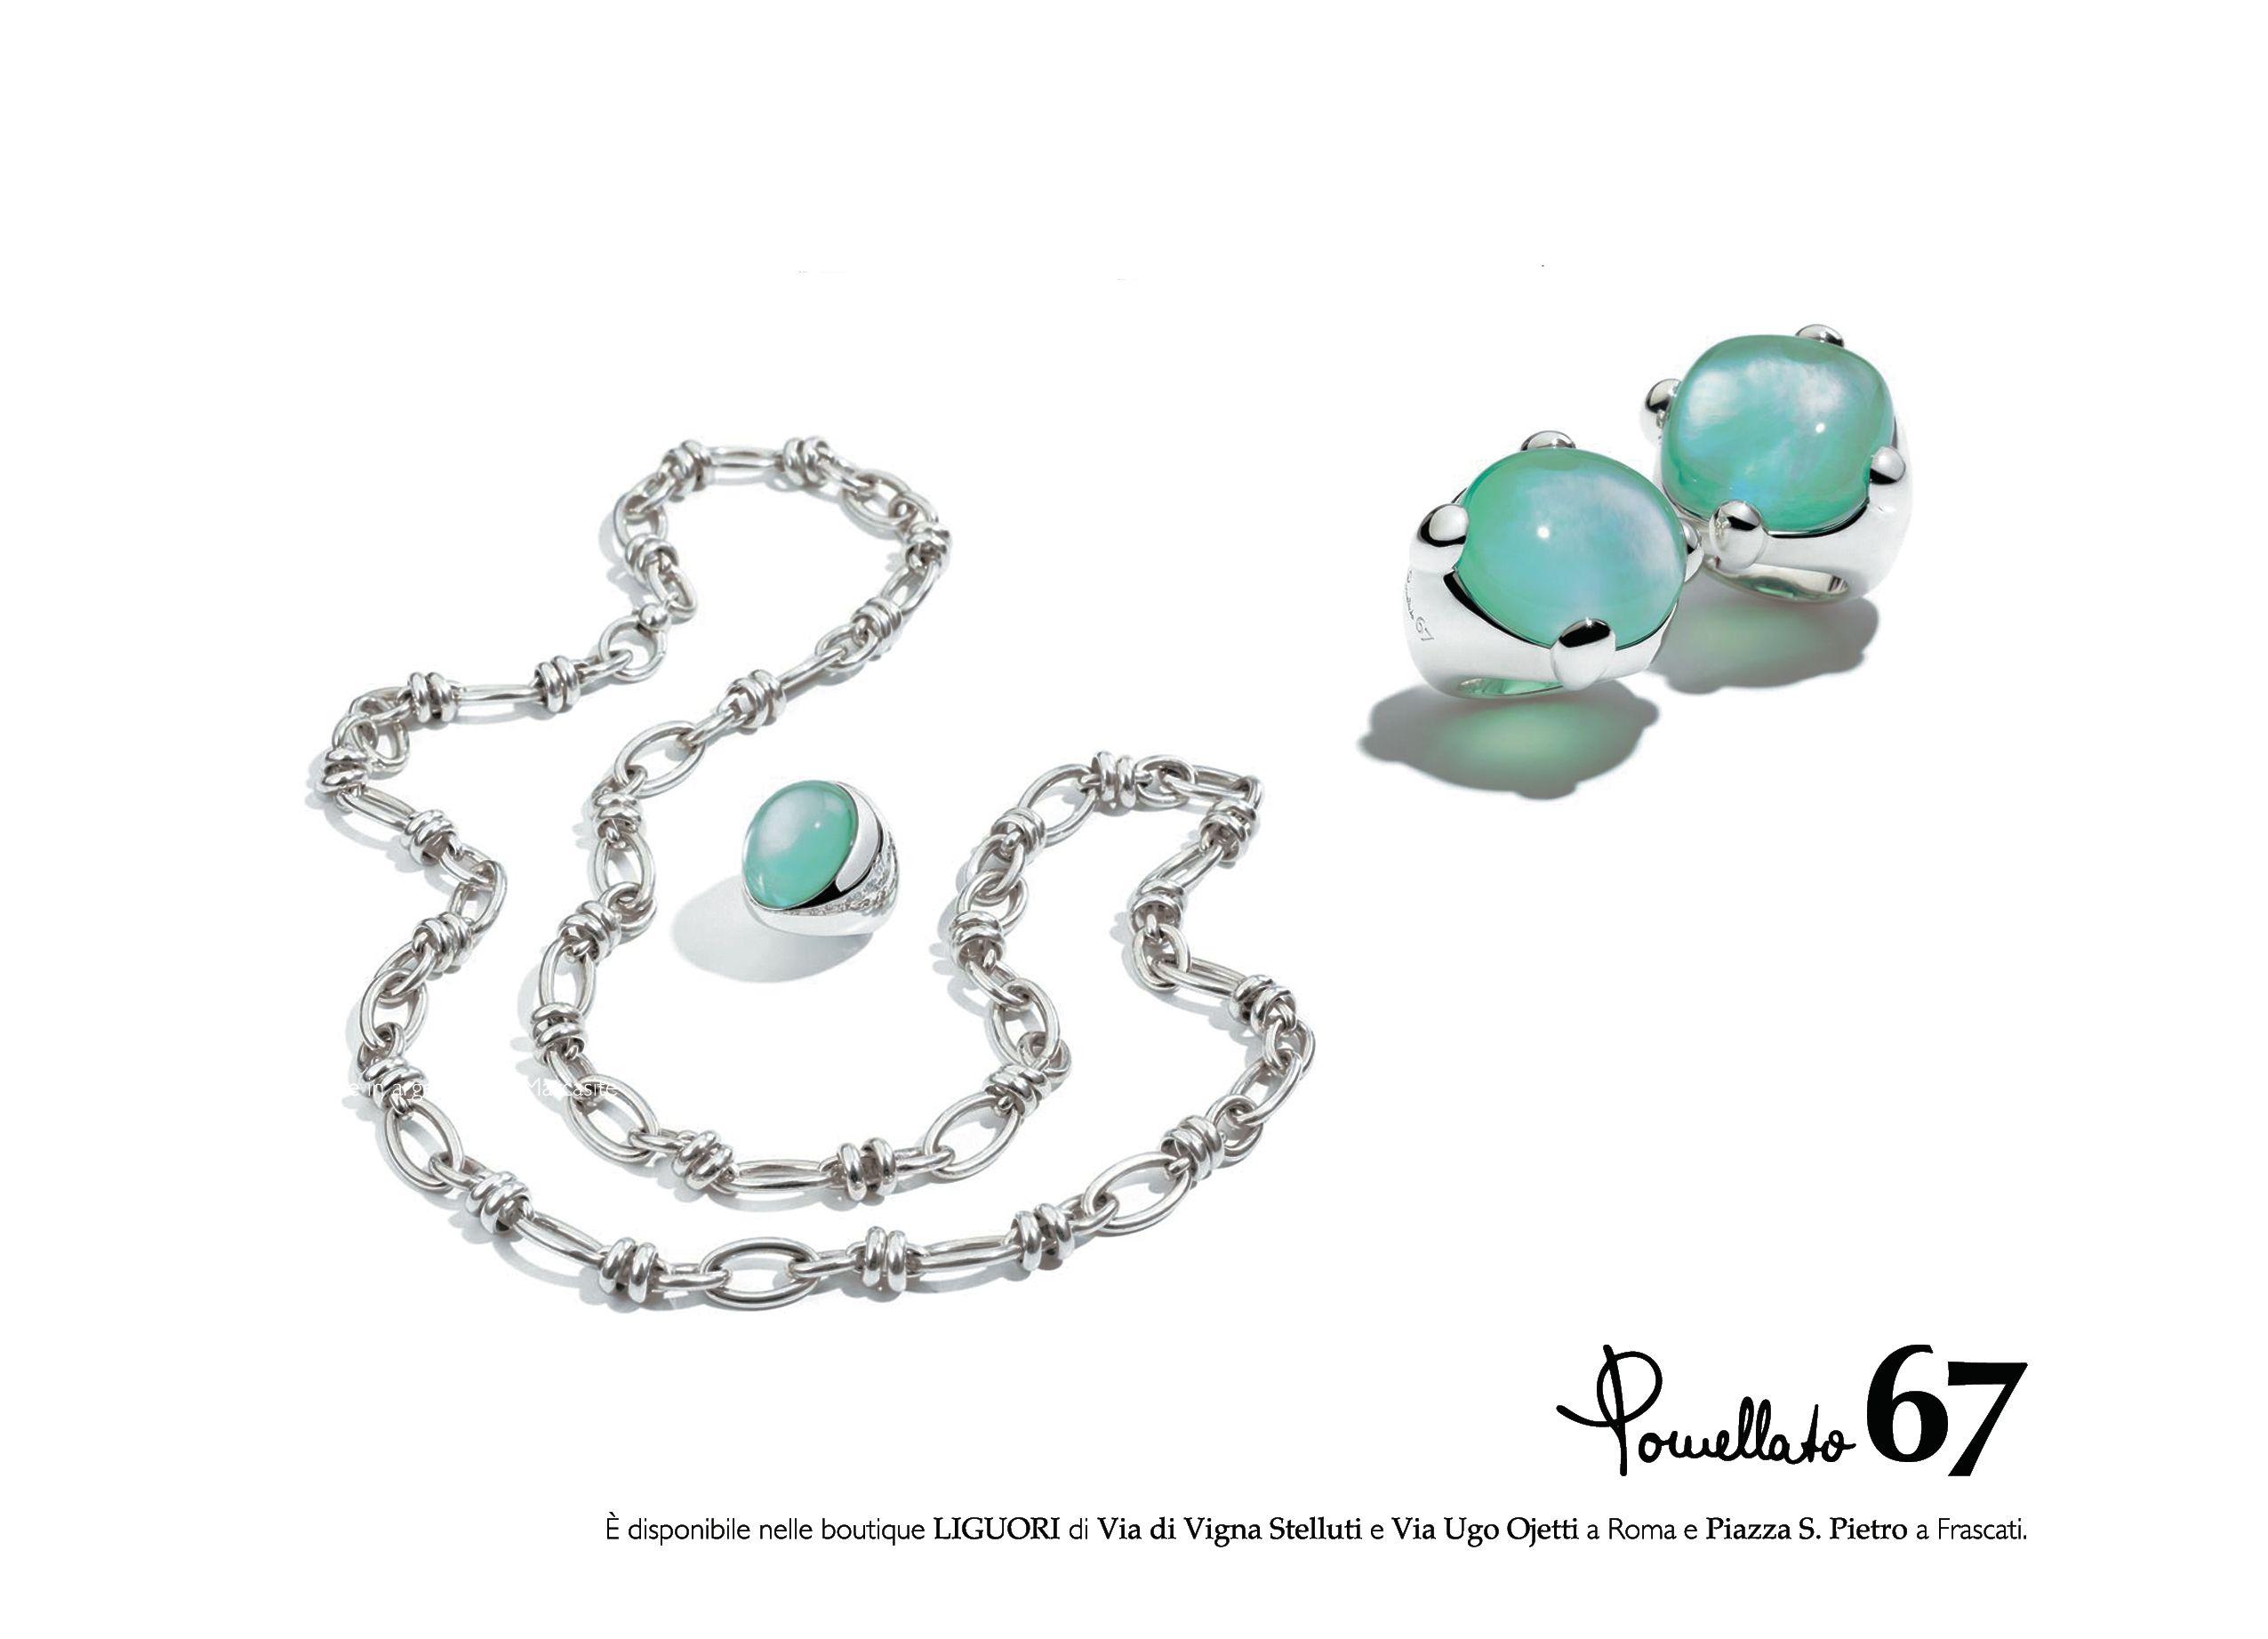 Pomellato67, Liguori DEJAVU, catalogo 2013/2014 Catena e anelli in argento con quarzo sintetico idrotermale, madreperla e agata tinta verde. www.liguorigioielli.it